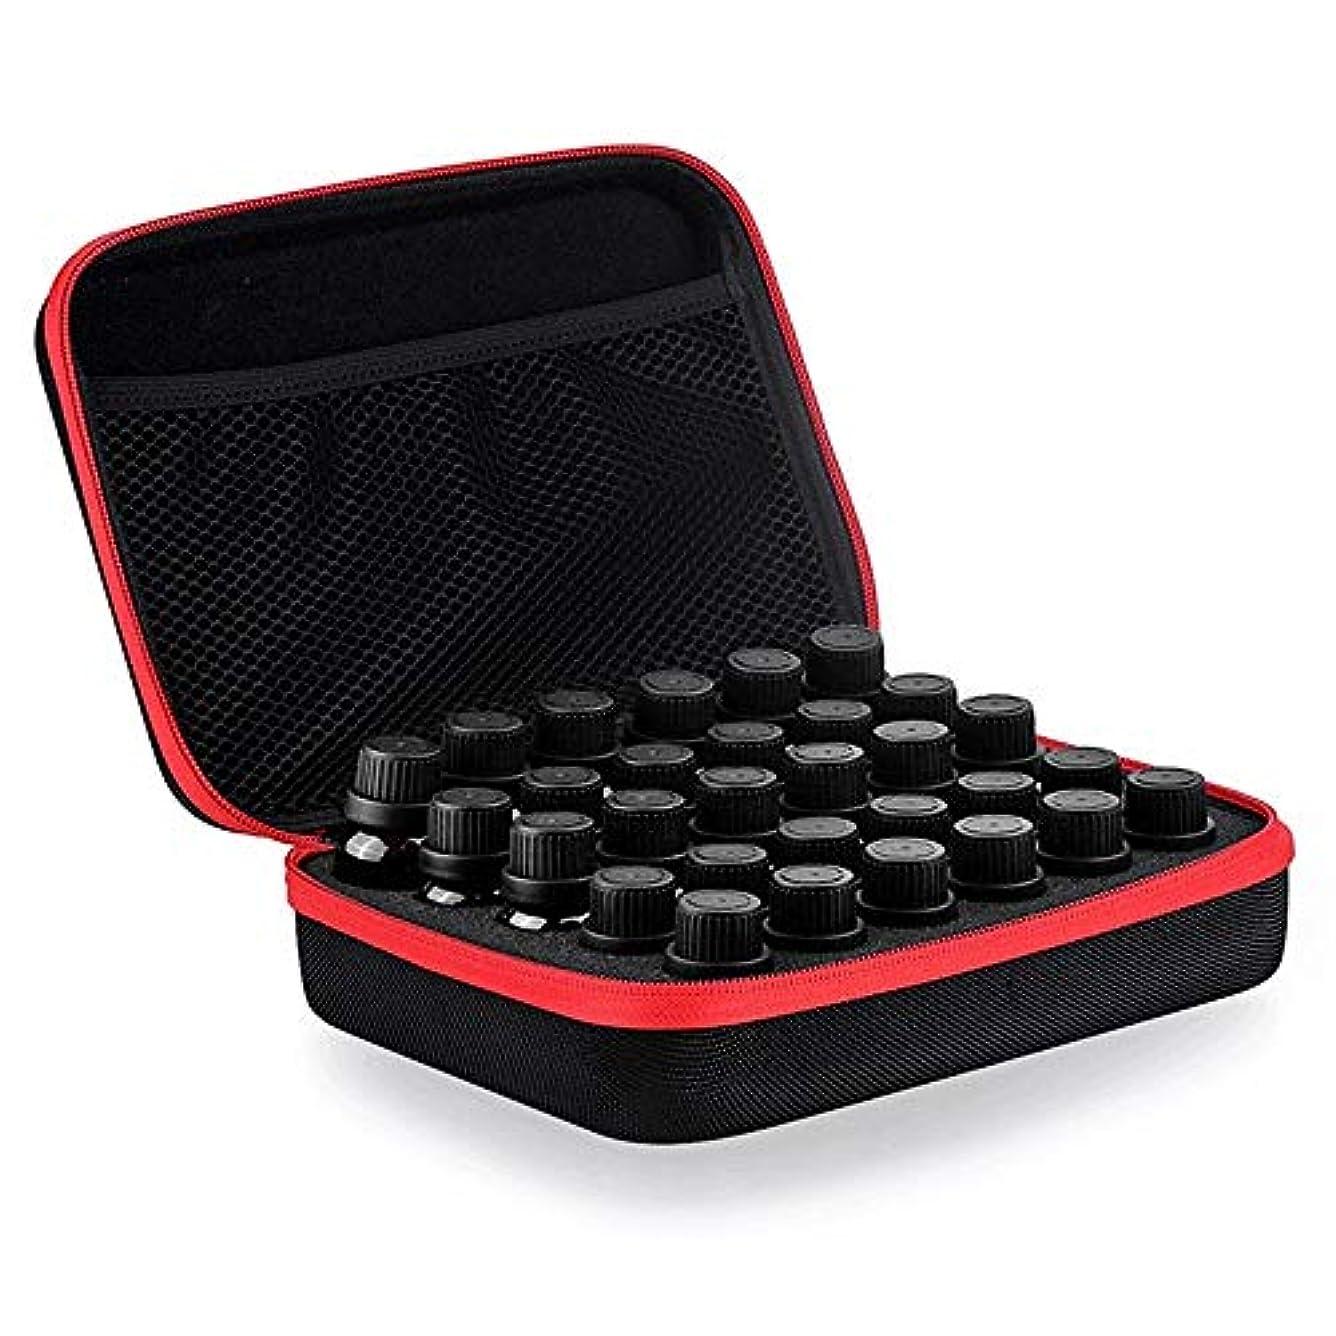 赤外線浪費抽象エッセンシャルオイルボックス 5ミリリットルを取るためにスーツケースに保持された油の30種類、10ミリリットル15ミリリットルボトル外観EVAハードシェル石油貯蔵バッグハンドルOrganzier完璧なディスプレイケース油...